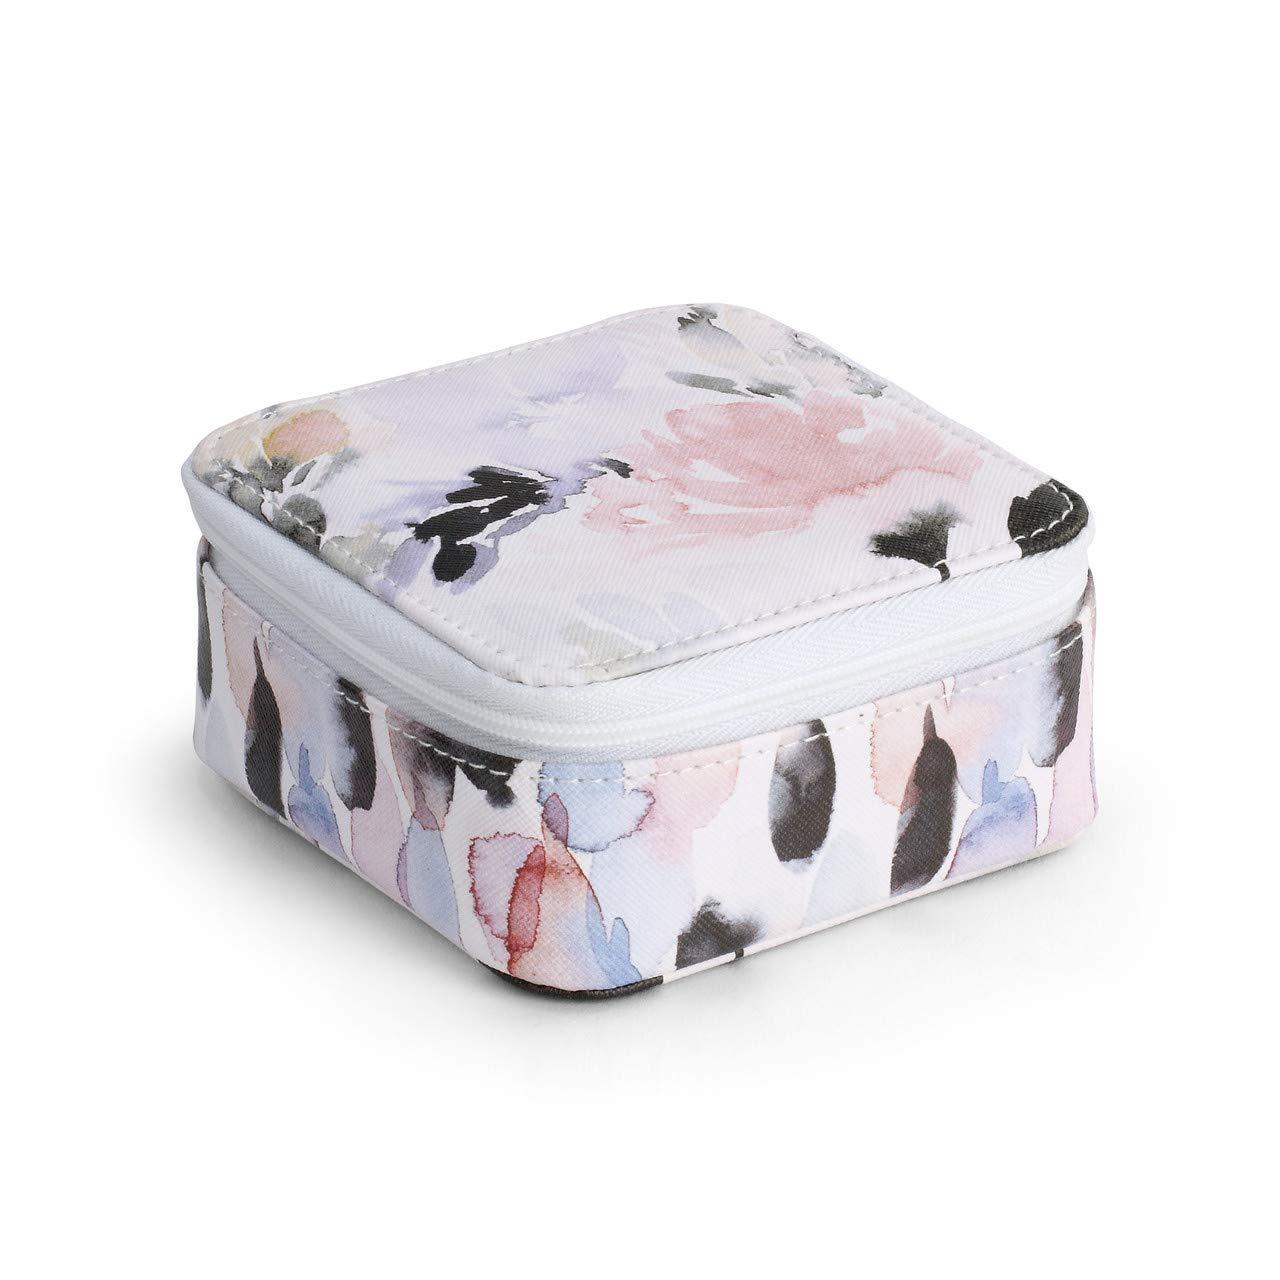 DEMDACO 花卉图案水彩粉色 4 x 4 人造皮革尼龙首饰盒